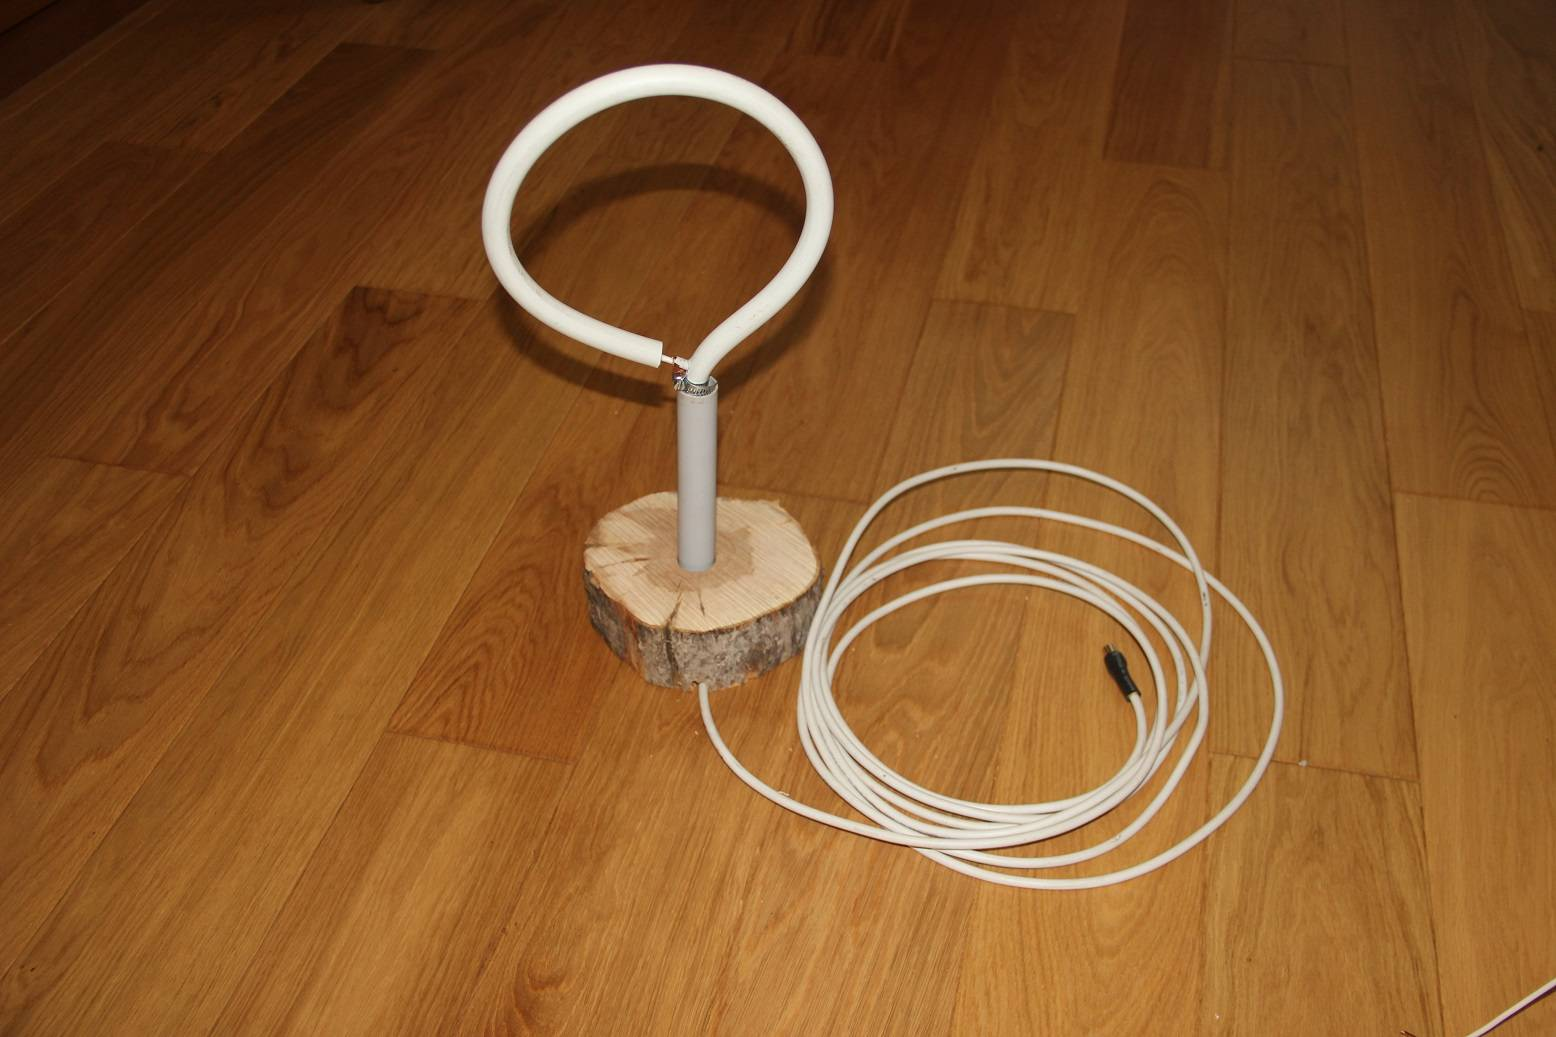 Антенна для цифрового тв из кабеля: простой комнатный вариант своими руками за 5 минут